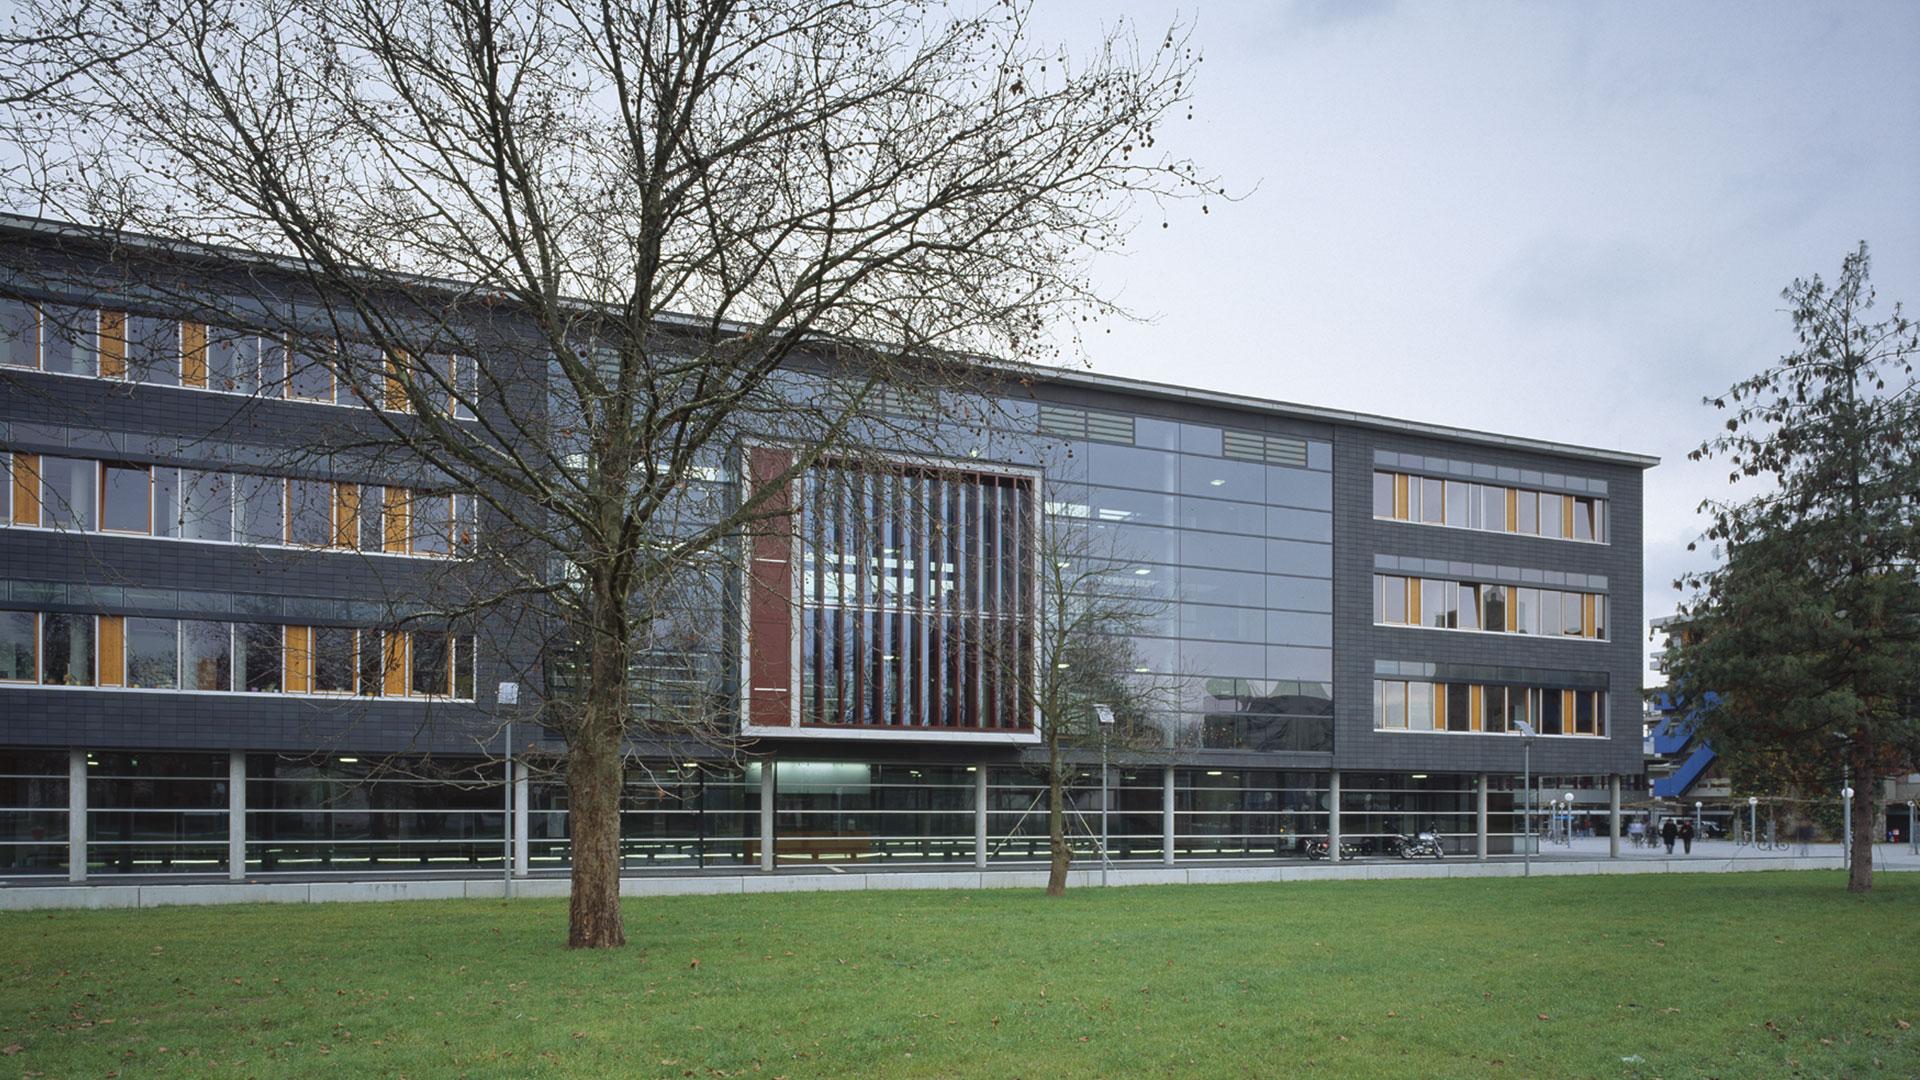 Kirchhoff Institut Für Physik 3 - ArGe Architekten